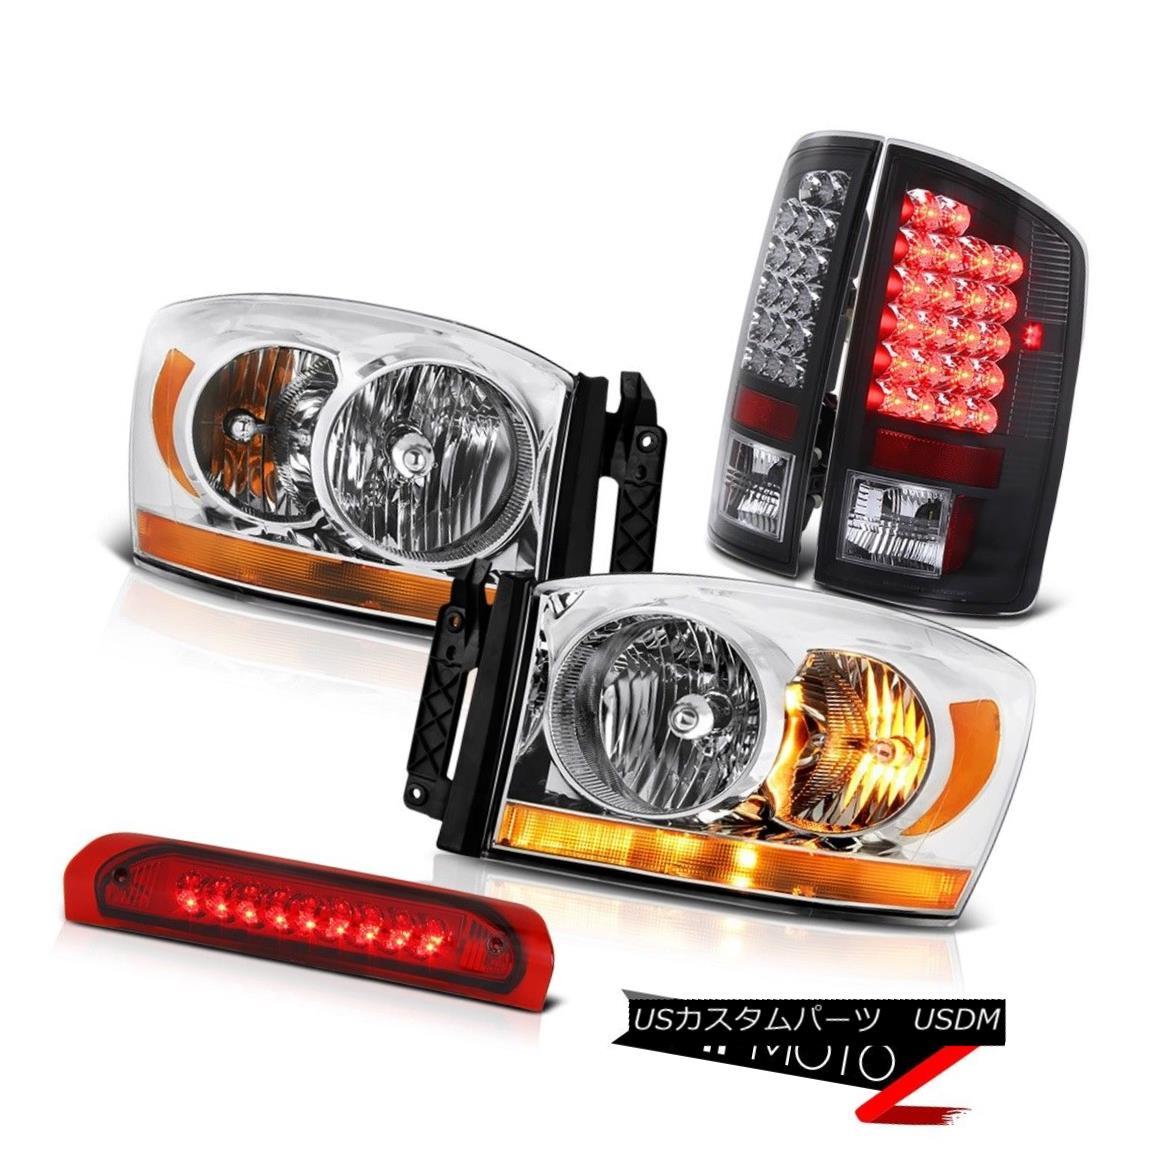 ヘッドライト 07-08 Dodge Ram 1500 5.9L Headlights Red 3RD Brake Light Raven Black Taillamps 07-08ダッジラム1500 5.9Lヘッドライトレッド3RDブレーキライトレーブンブラックタイランプ